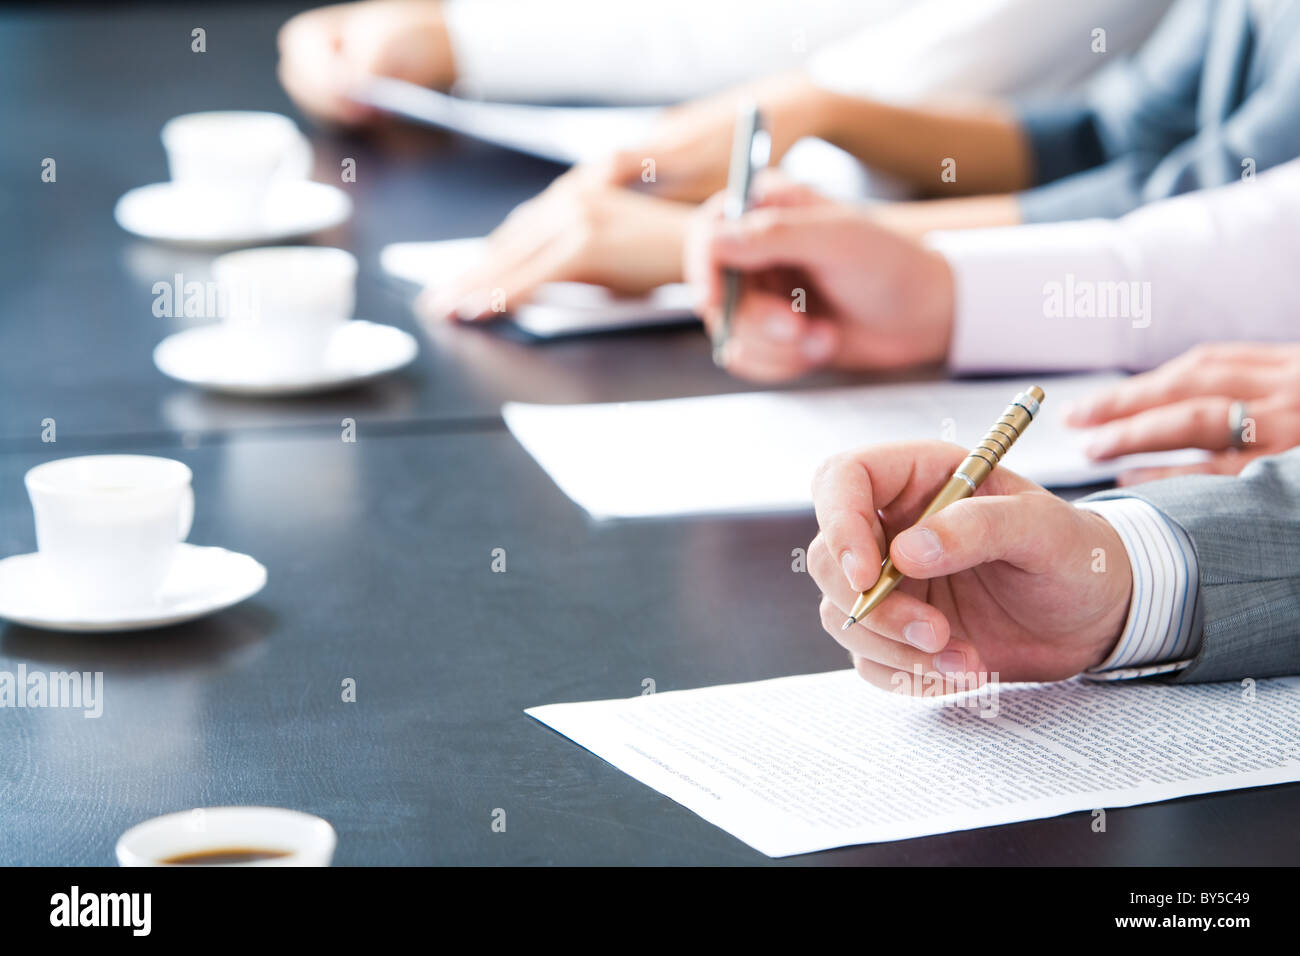 Stretta di mano maschile tenendo penna a sfera su documento aziendale su sfondo di mani umane con tazze di caffè Immagini Stock